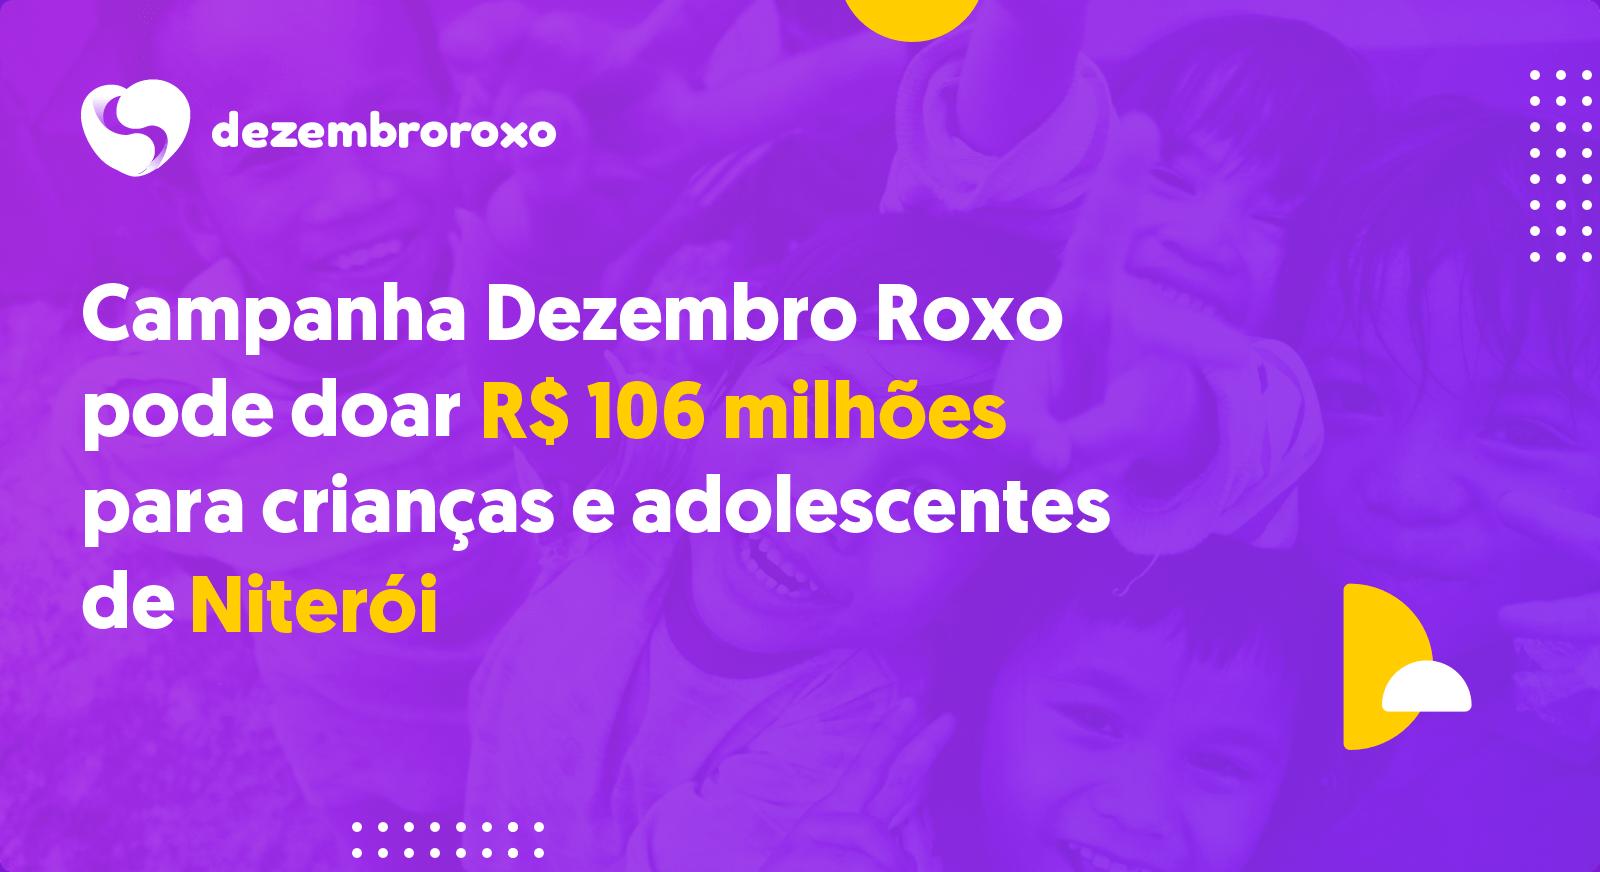 Doações em Niterói - RJ